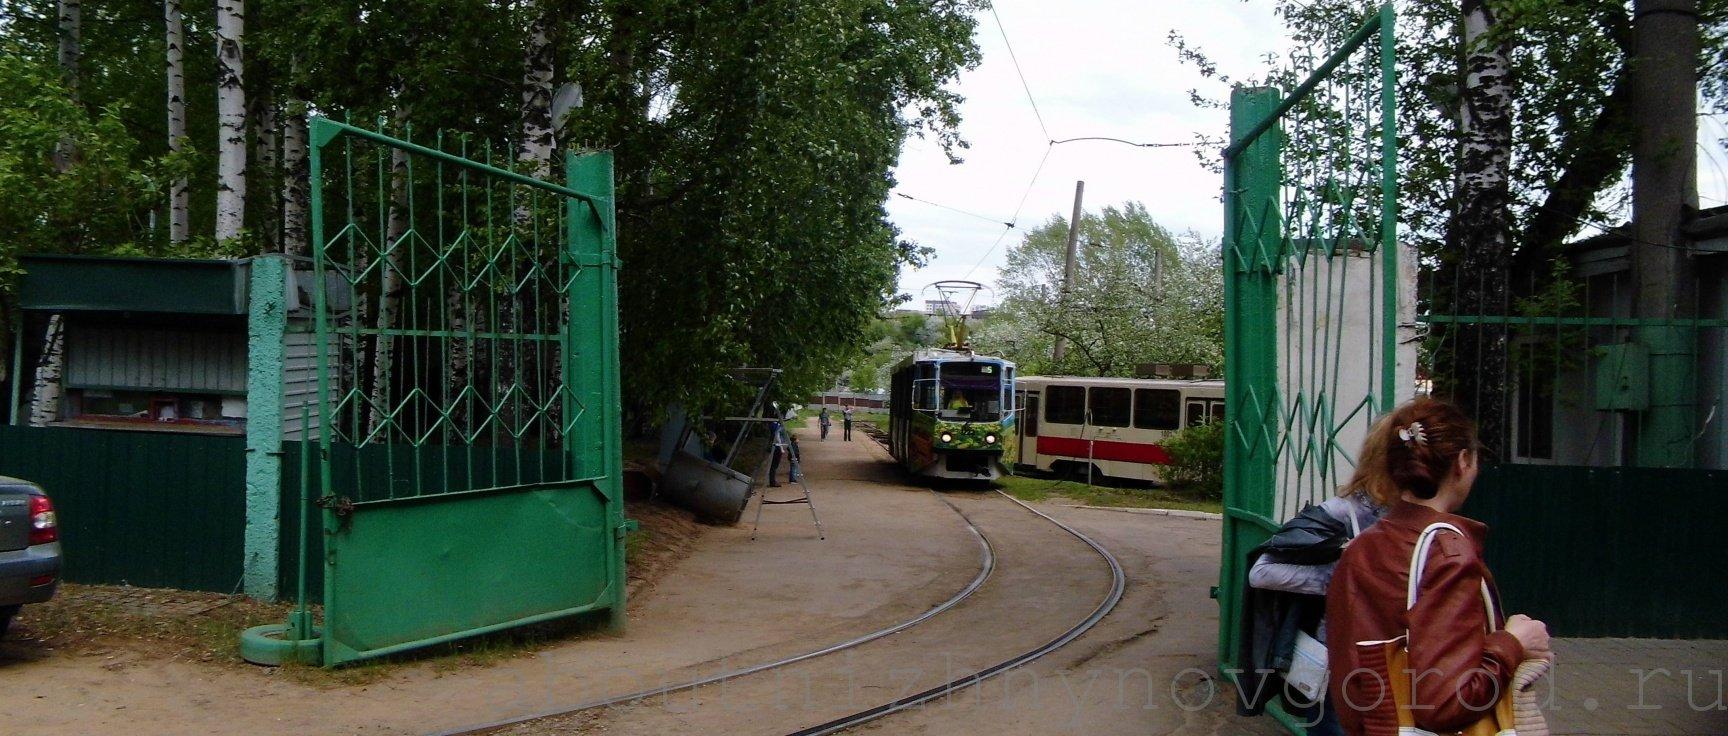 Музей трамваем